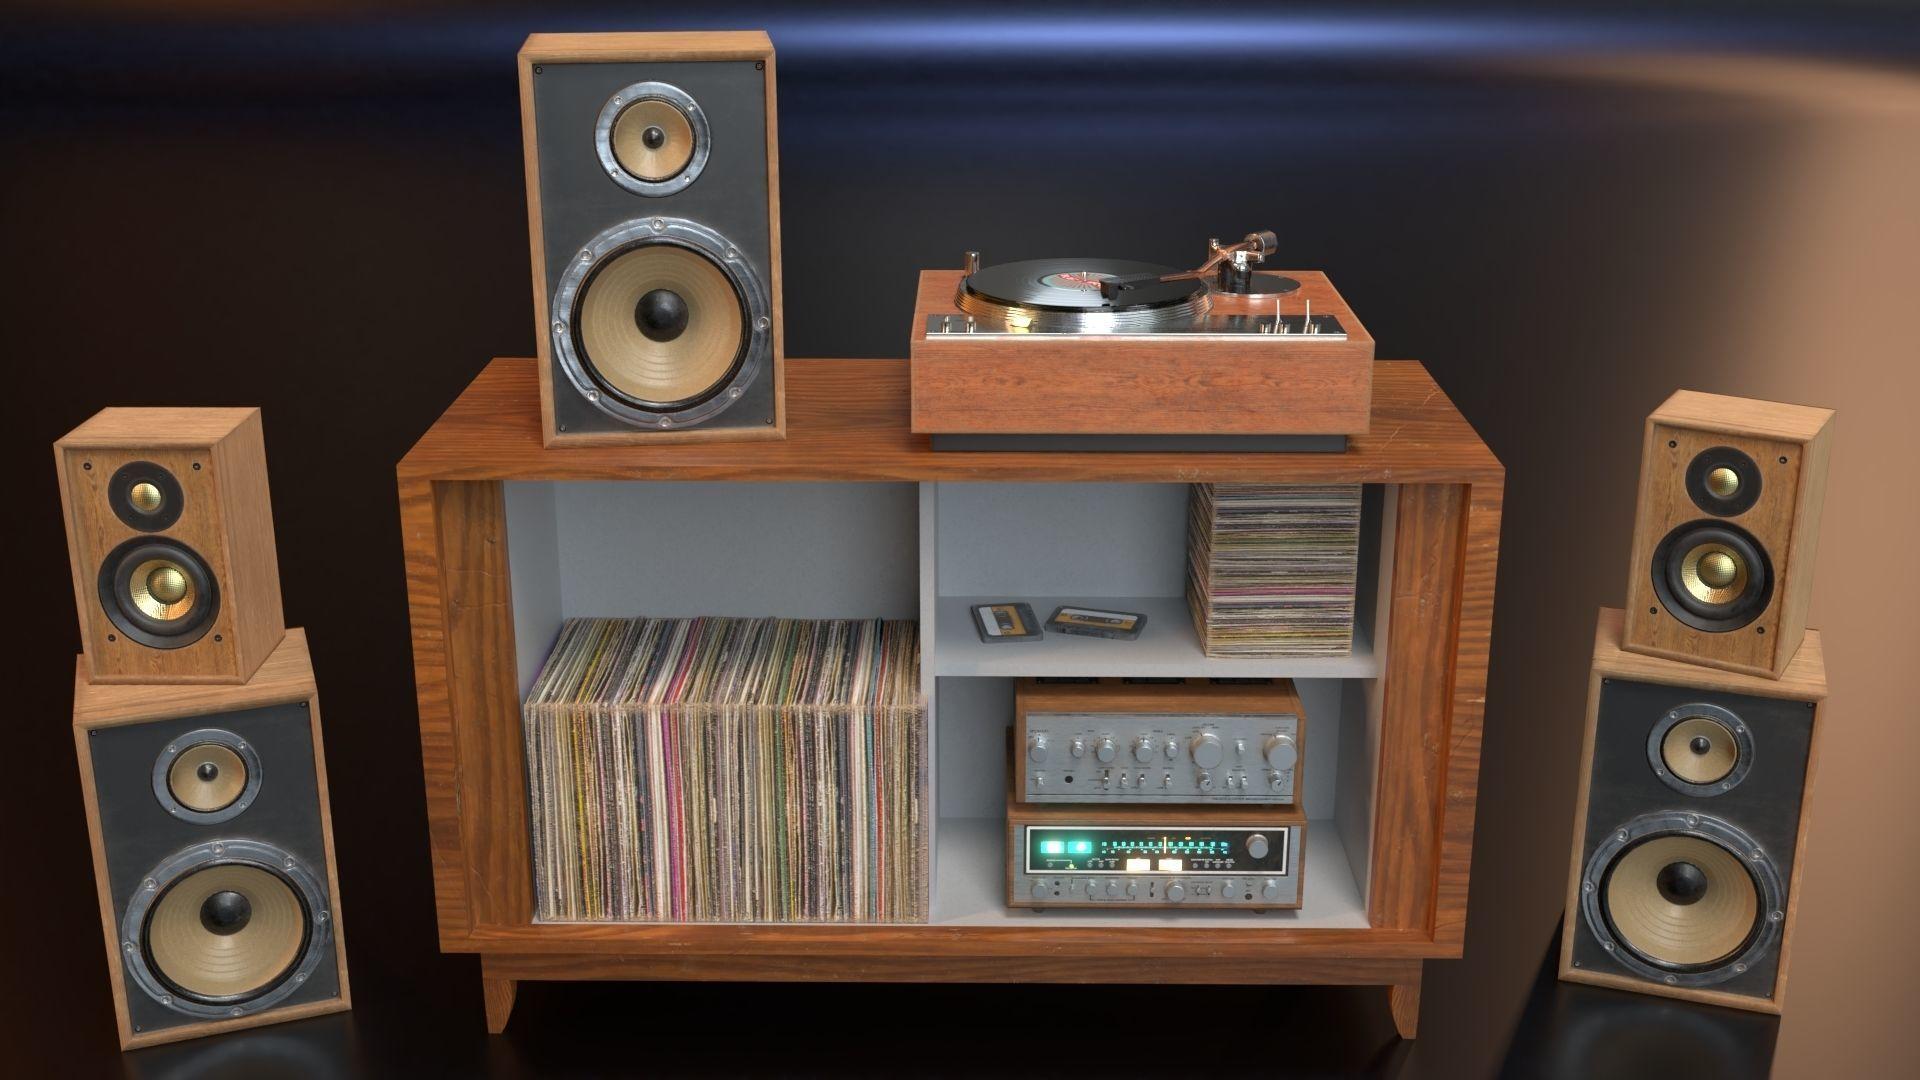 PBR Audio Equipment